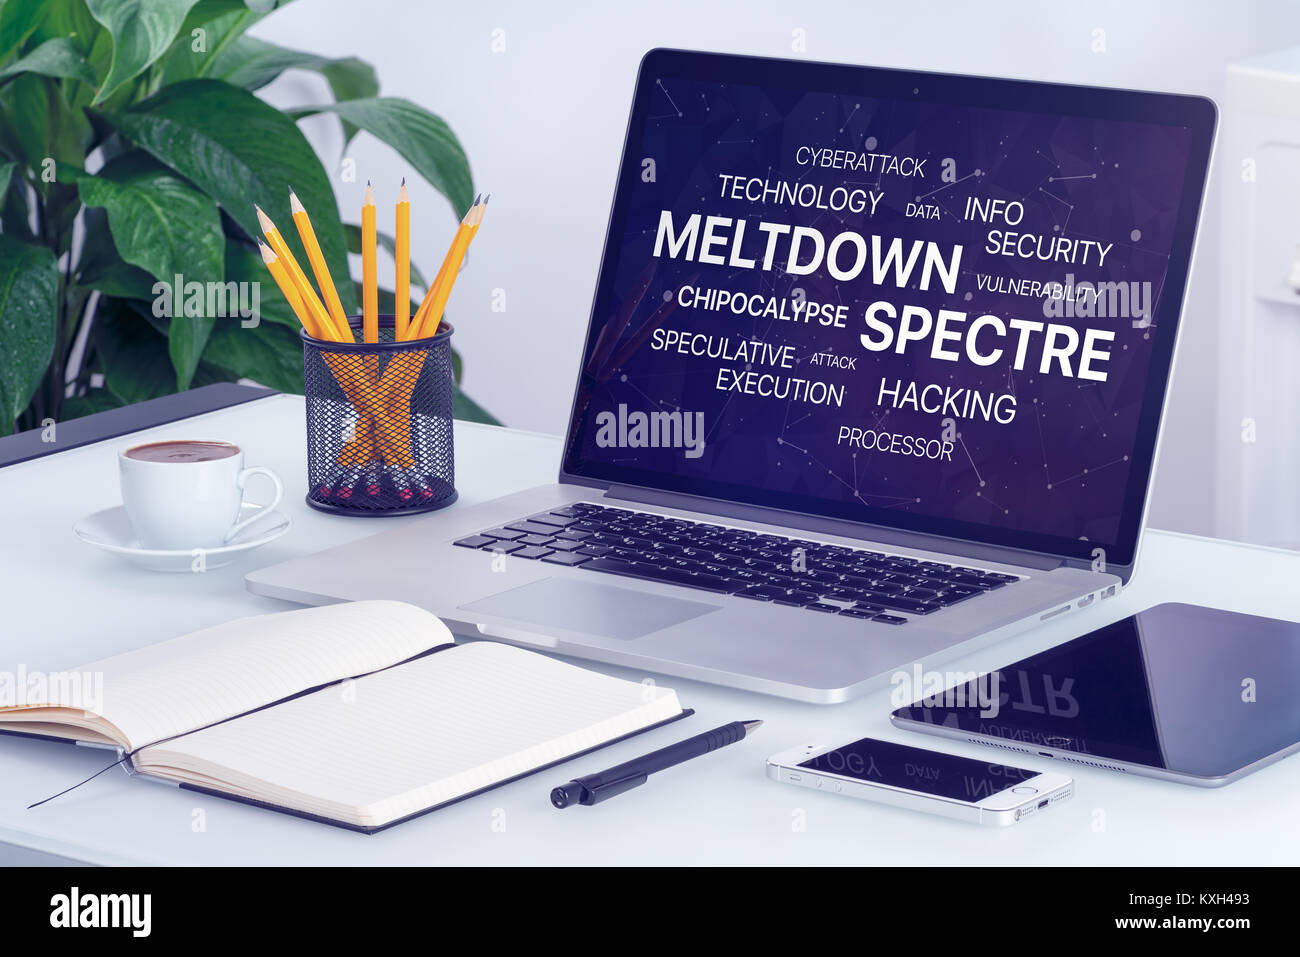 Meltdown et spectre menace concept sur l'écran du portable. Photo Stock